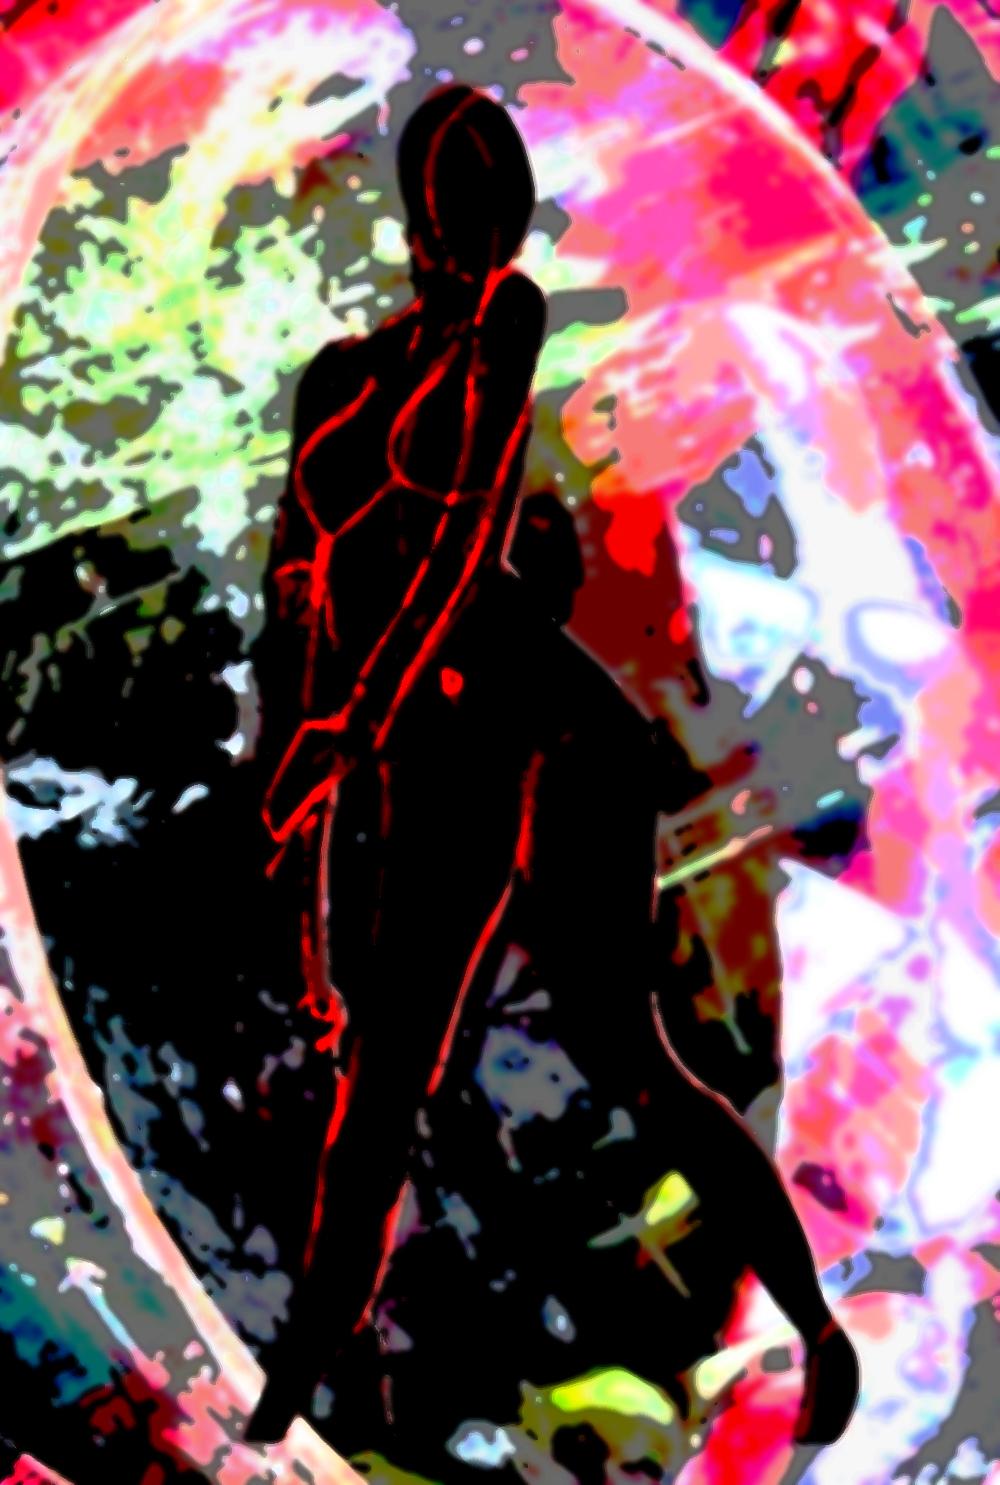 chrystal_berche-new31.jpg